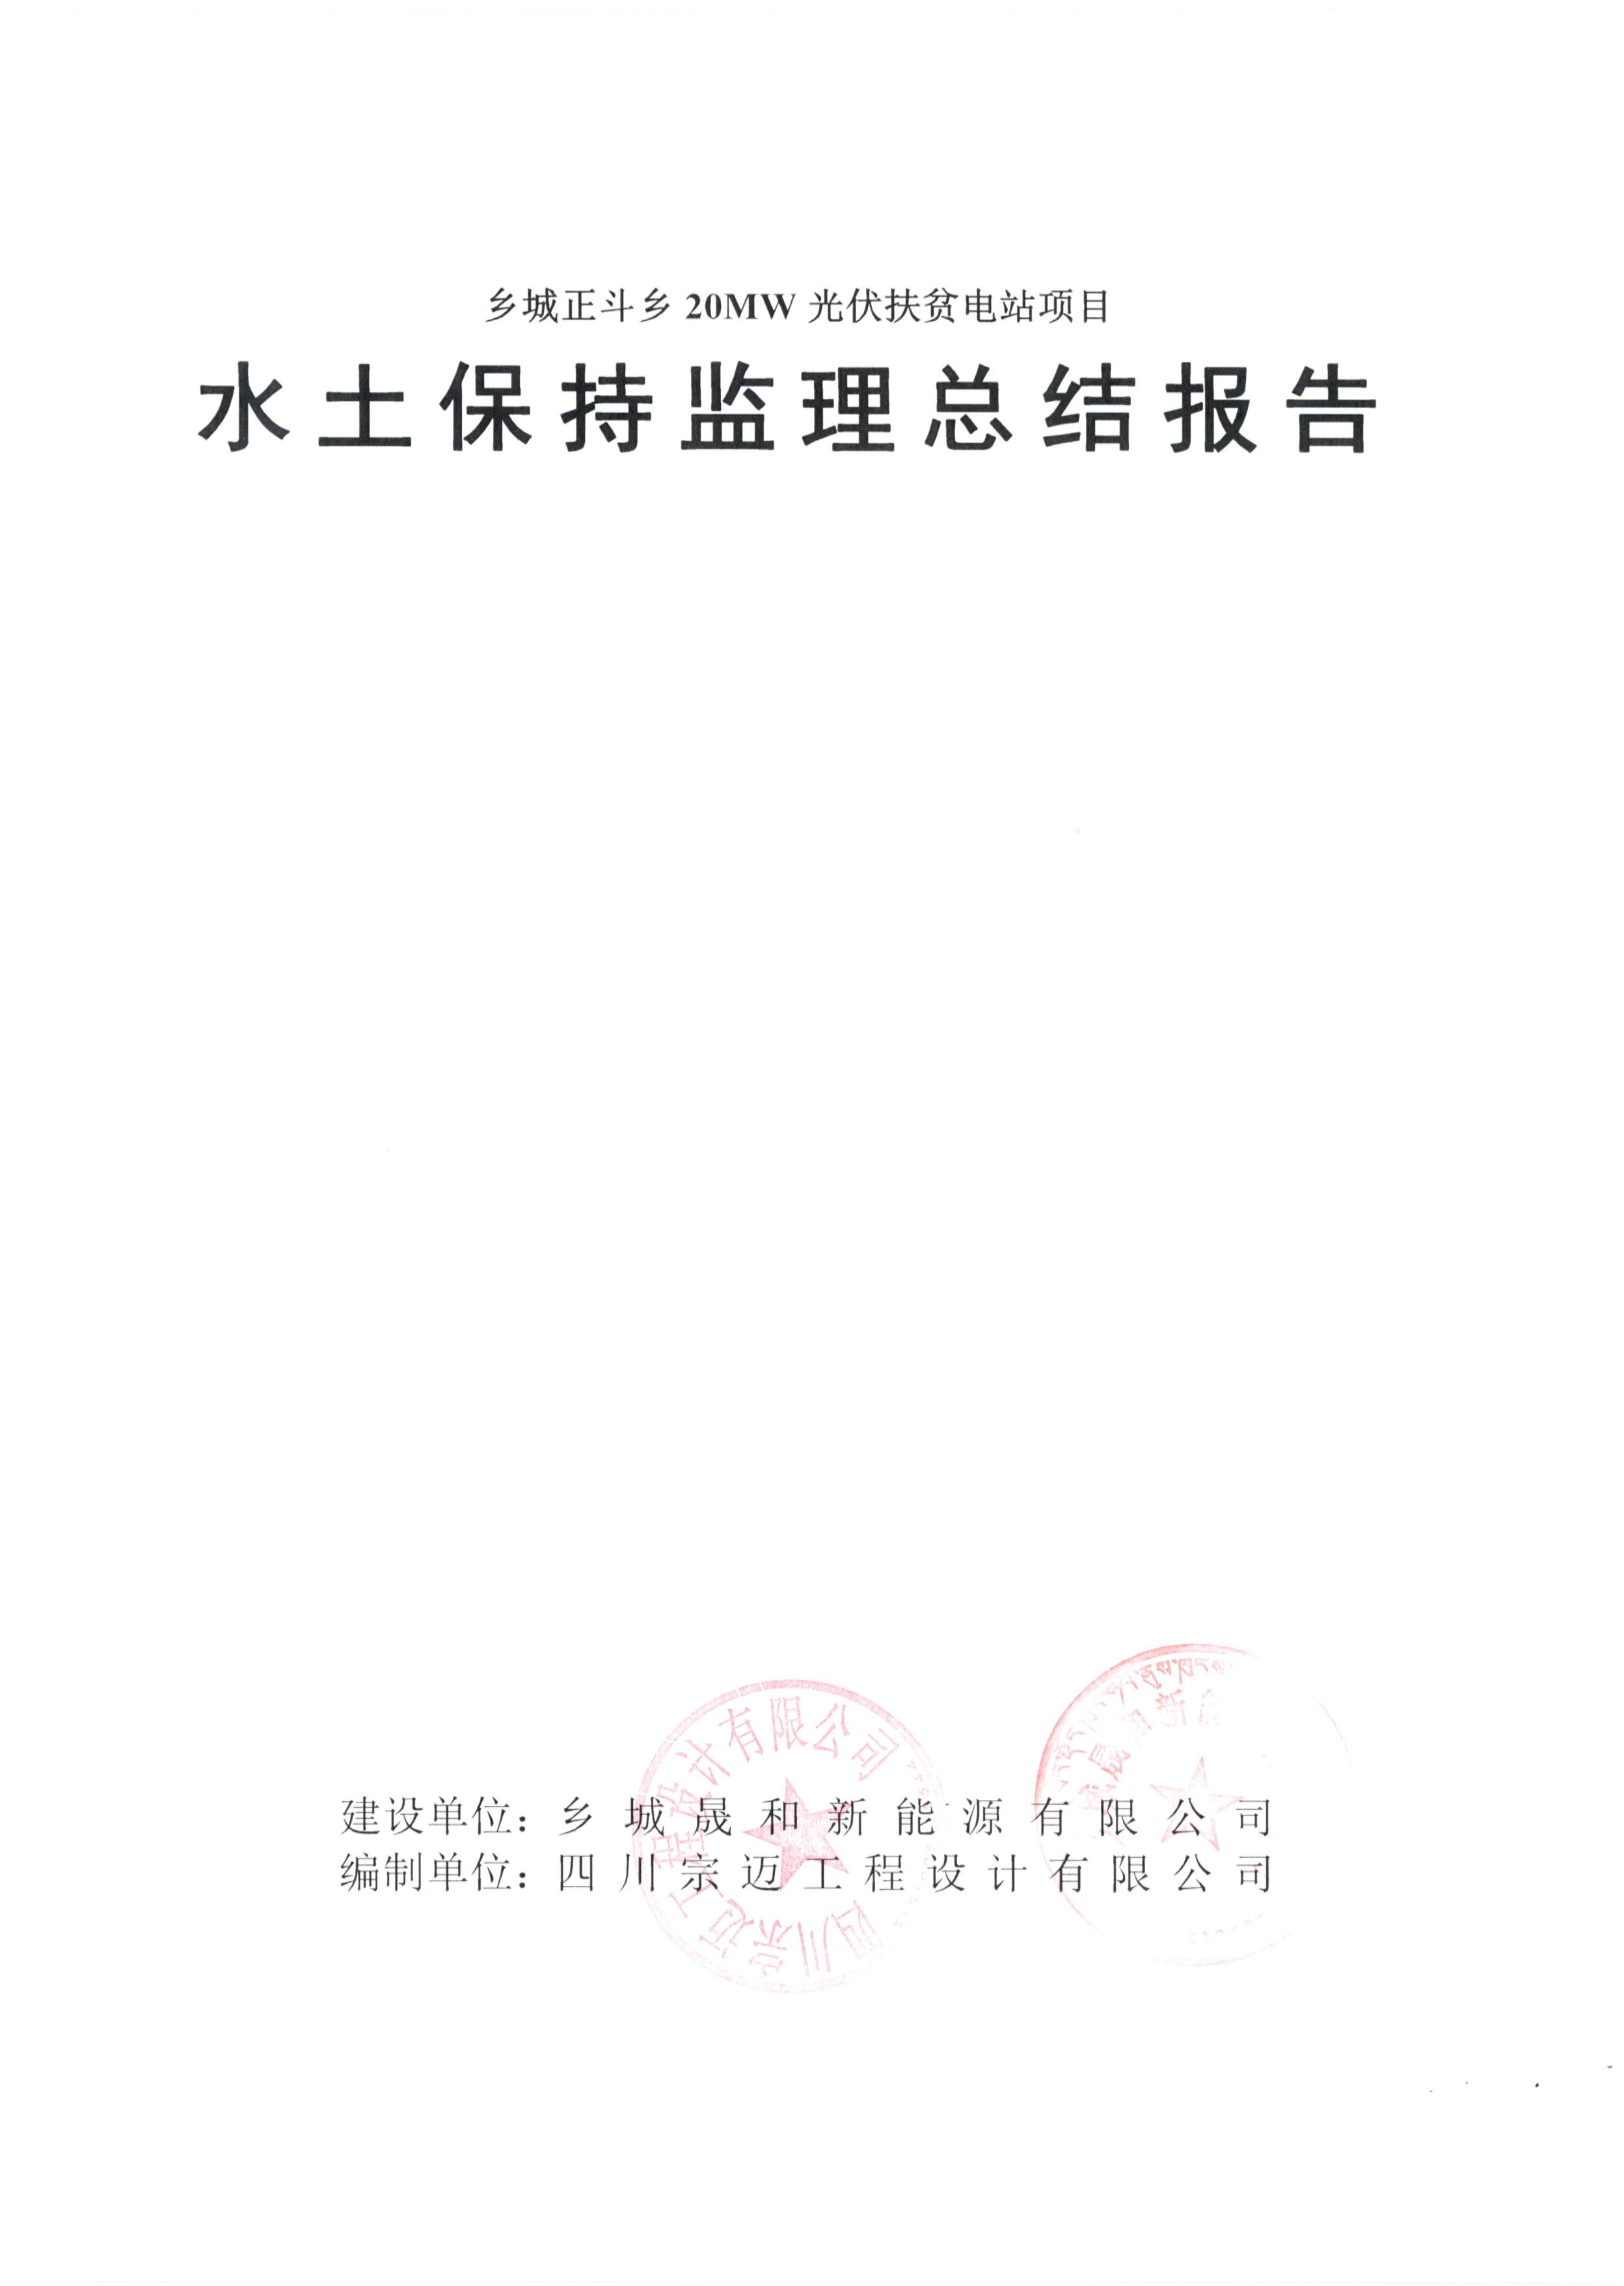 乡城正斗乡20MW扶贫光伏电站项目乐动投注平台监理扉页.jpg